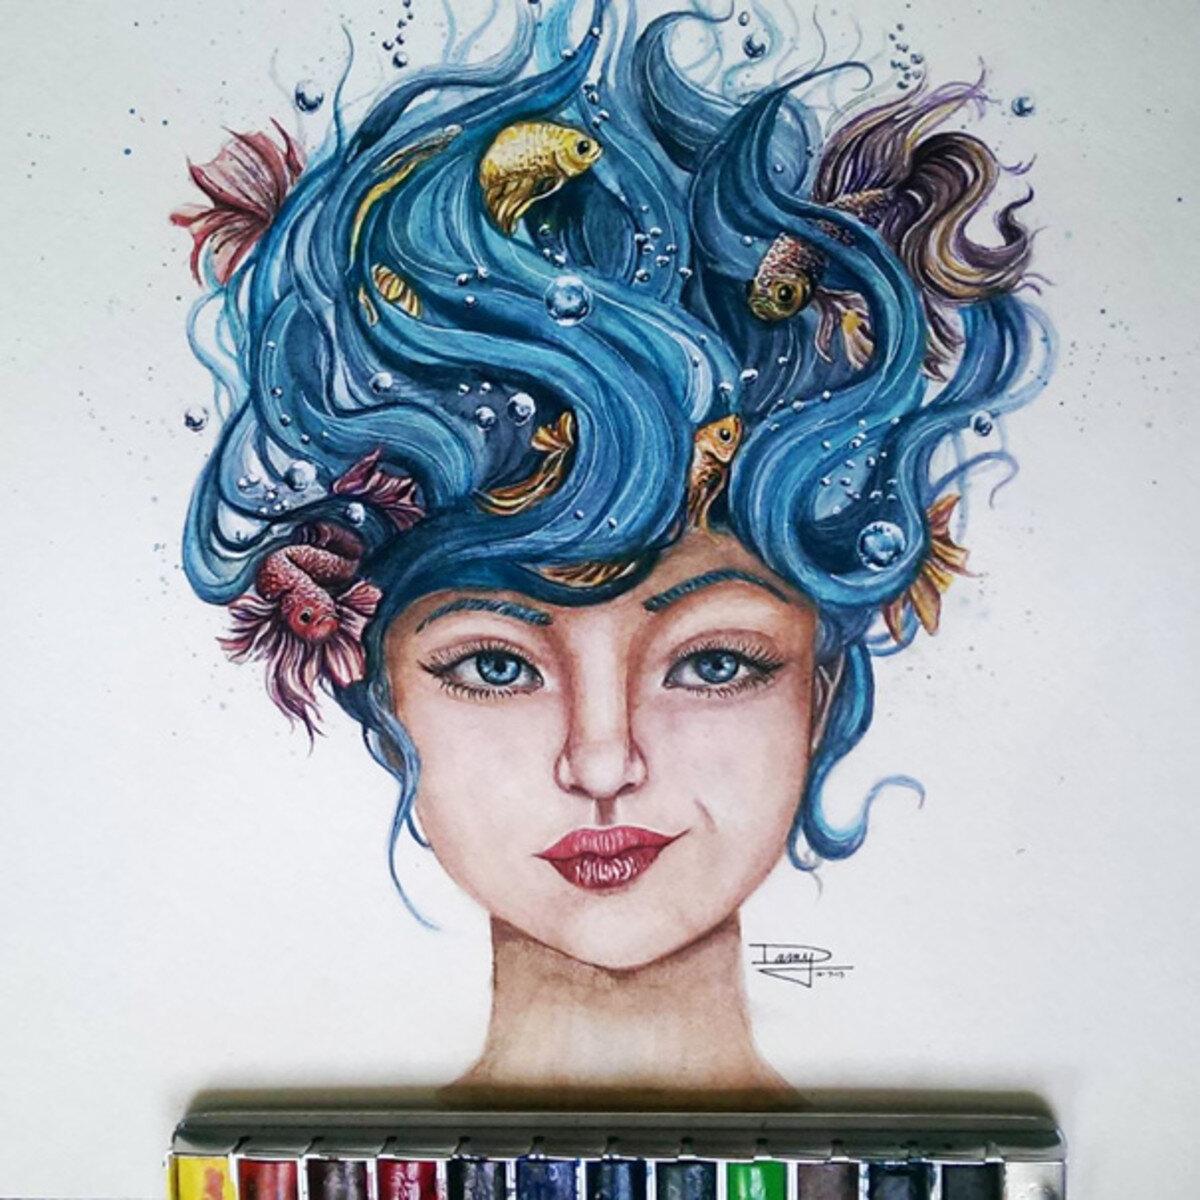 Tranh màu nước đẹp - Cô gái với mái tóc đại dương